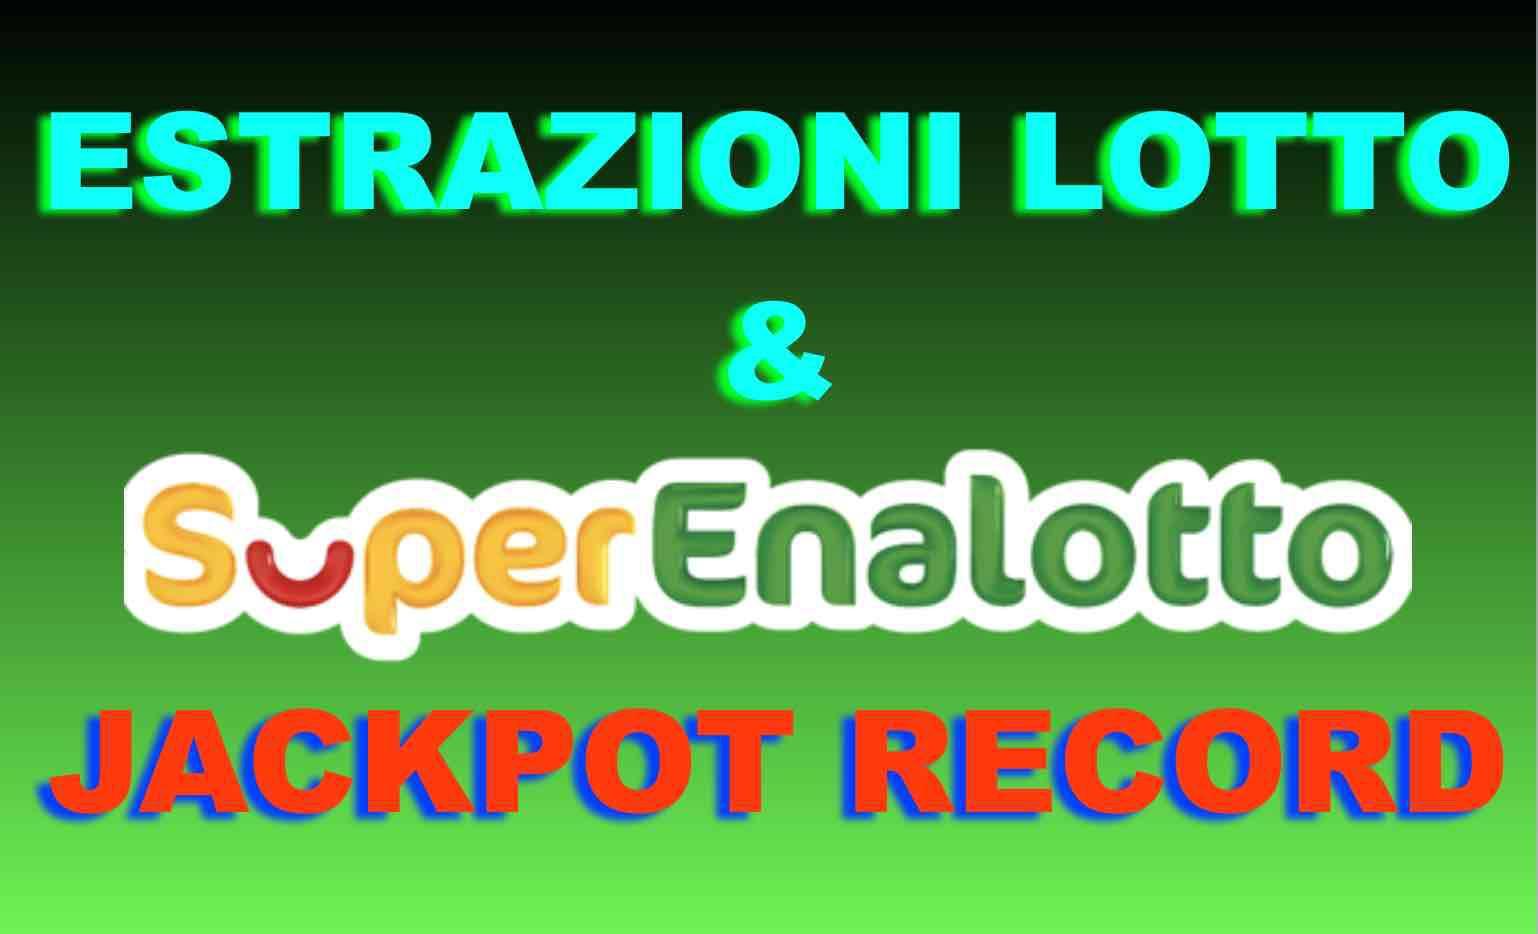 Estrazione Lotto 10elotto superenalotto oggi febbraio 2019 numeri vincenti diretta video marzo